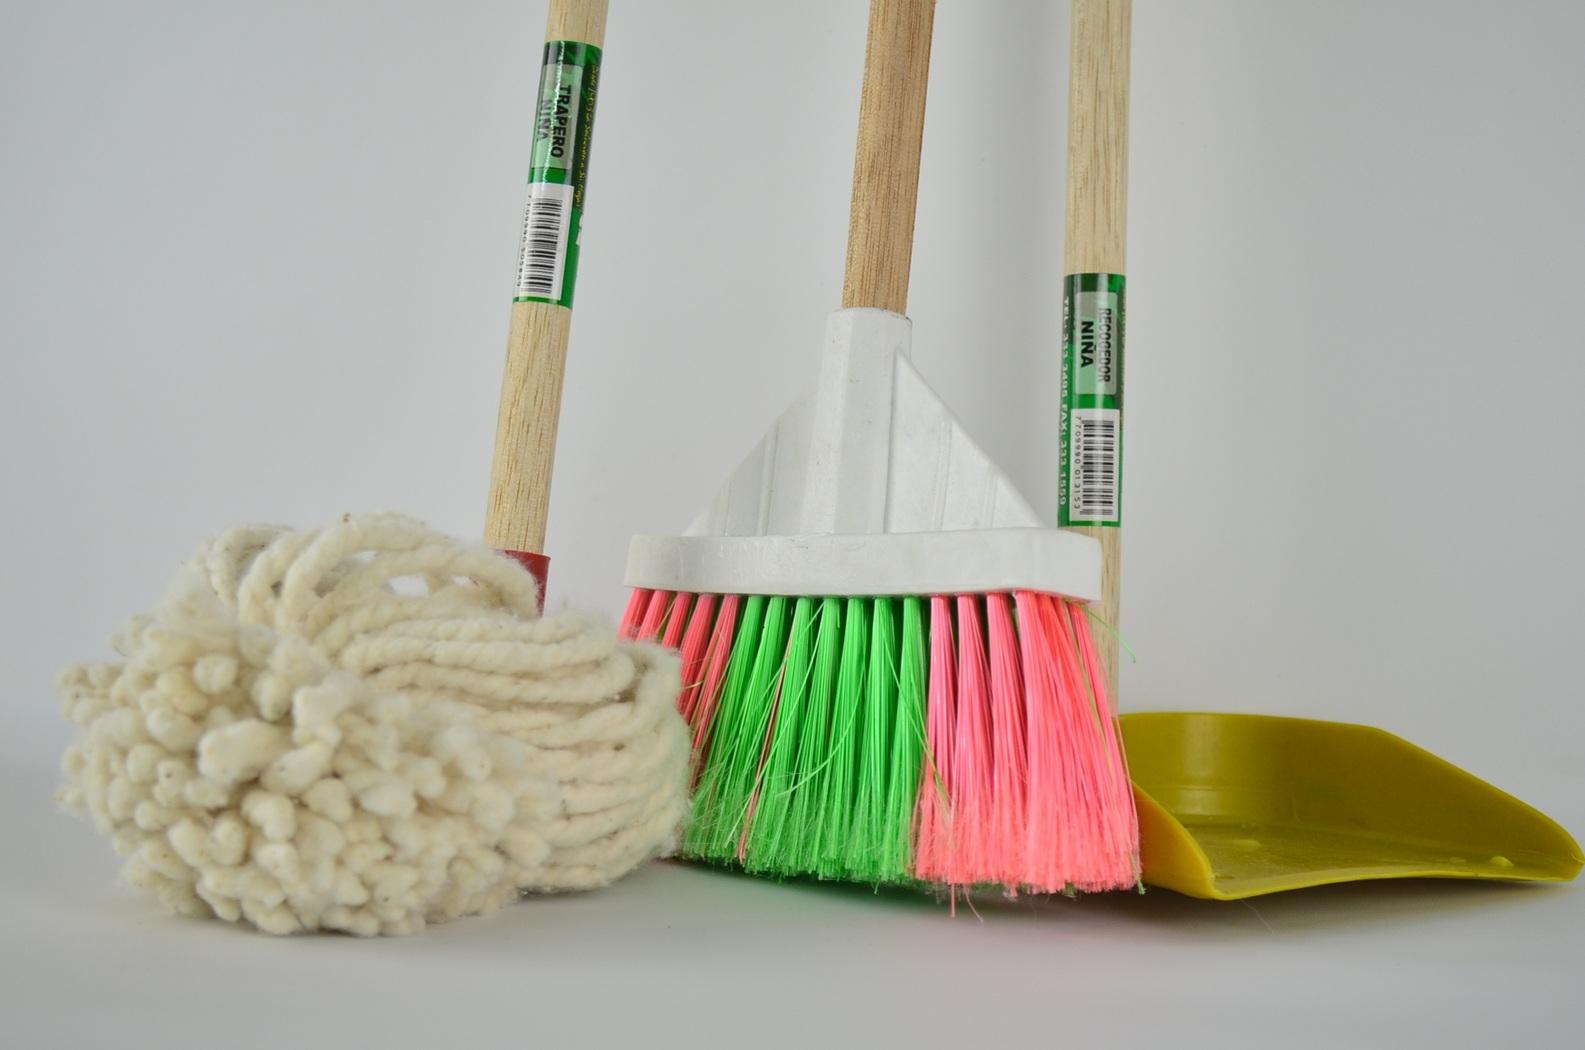 Produits ménagers naturels : 6 recettes à faire à la maison